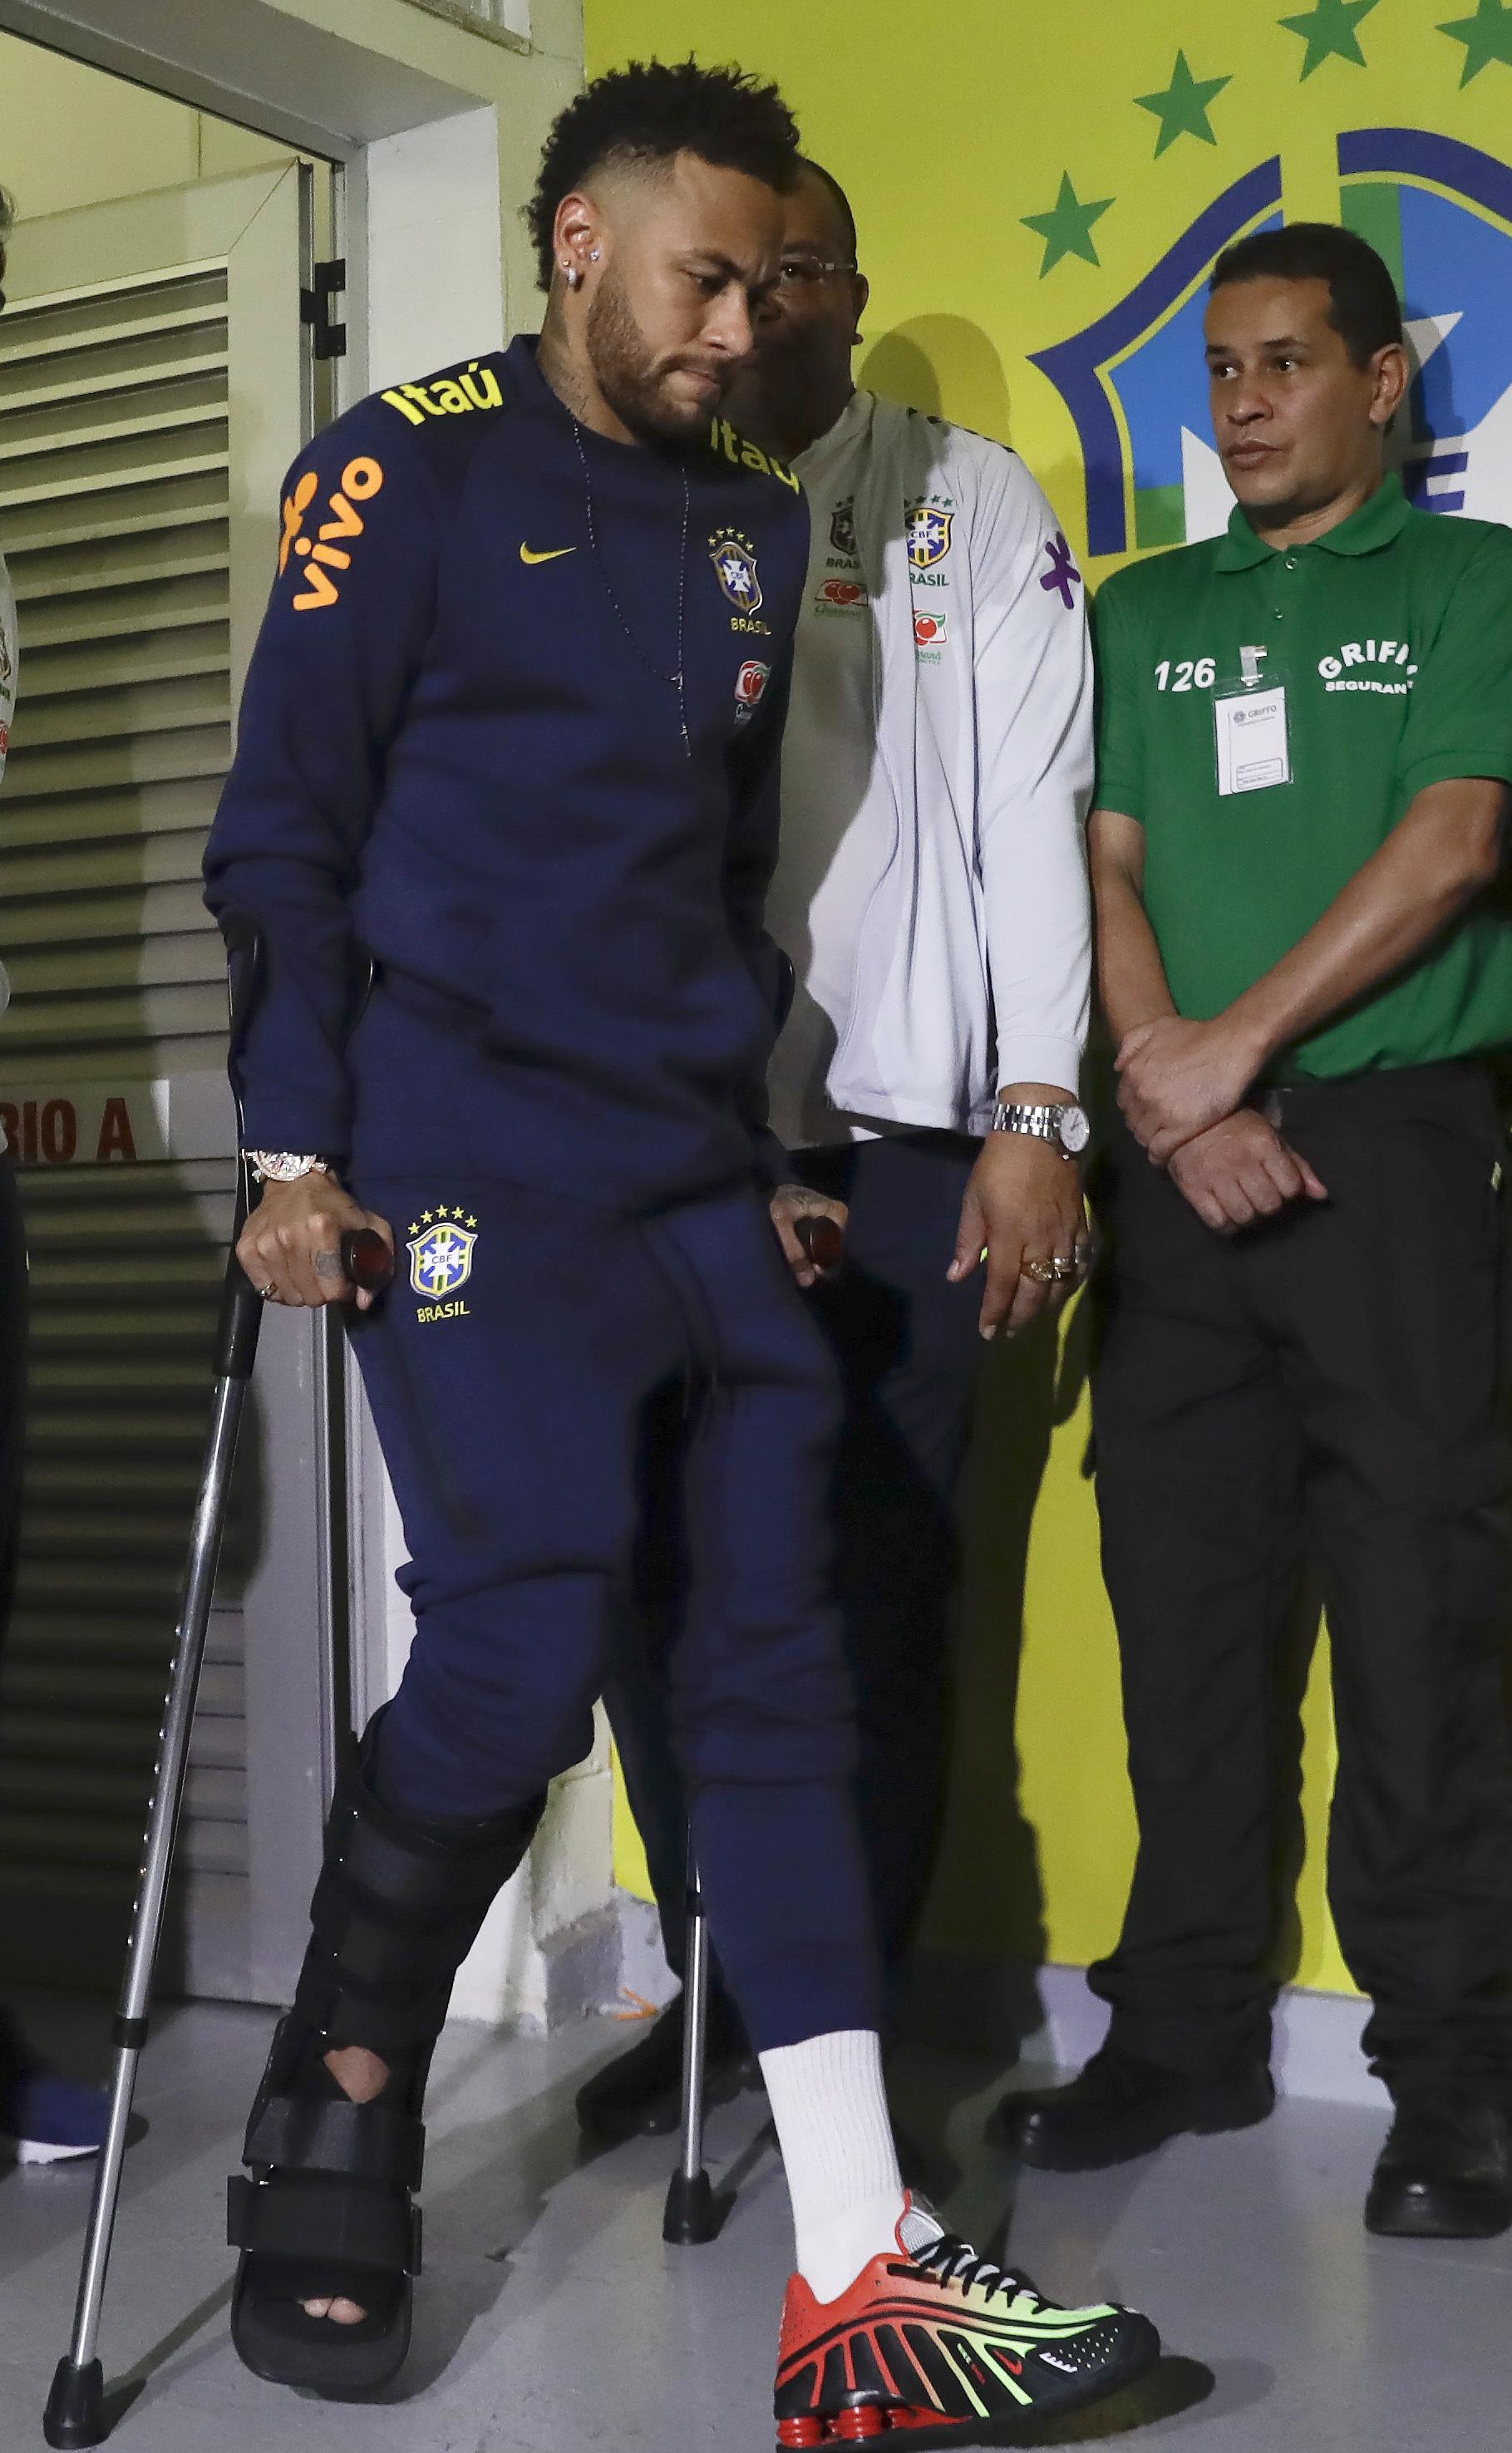 El delantero brasileño salió en muletas tras un duelo amistoso con Catar. Foto cortesía